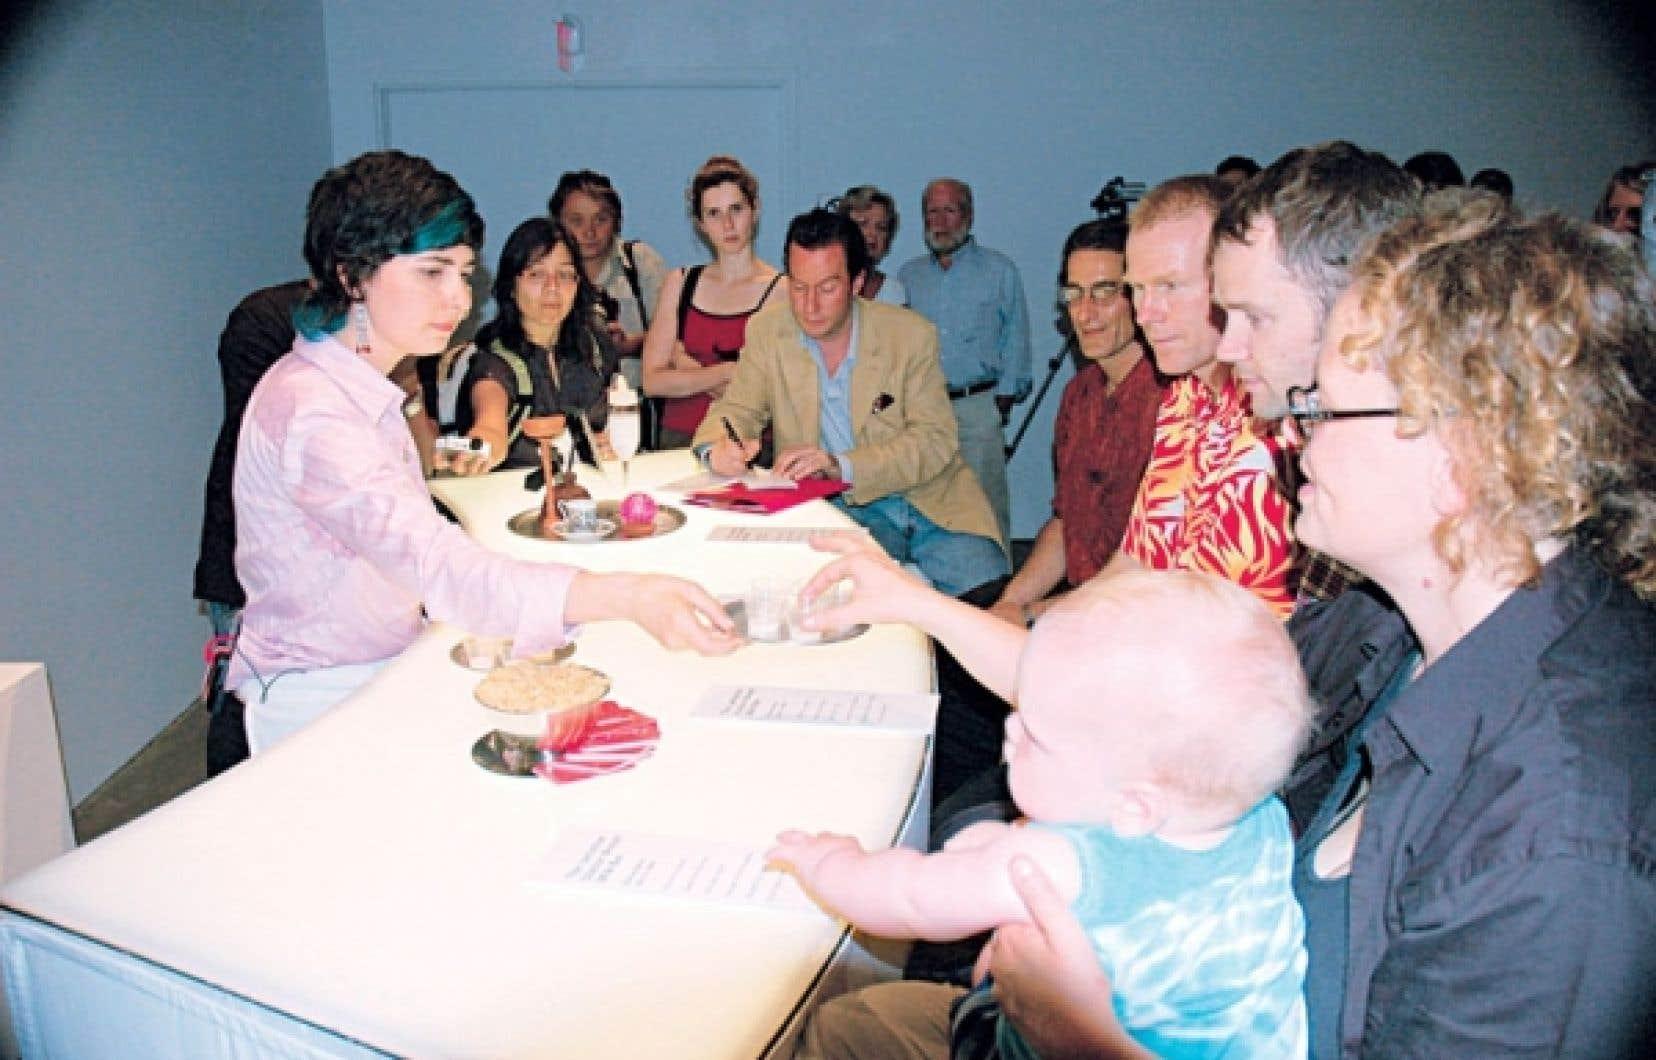 L'artiste Jess Dobkin, lors de sa performance The Lactation Station en 2006 : « Toutes sortes de gens assistent, curieux, indique Mme Dobkin. À mon comptoir de dégustation, je me suis retrouvée déjà à discuter avec une nouvelle maman, un critique de vin, un fétichiste et un gastronome ! ». Le tout en sirotant du lait maternel.